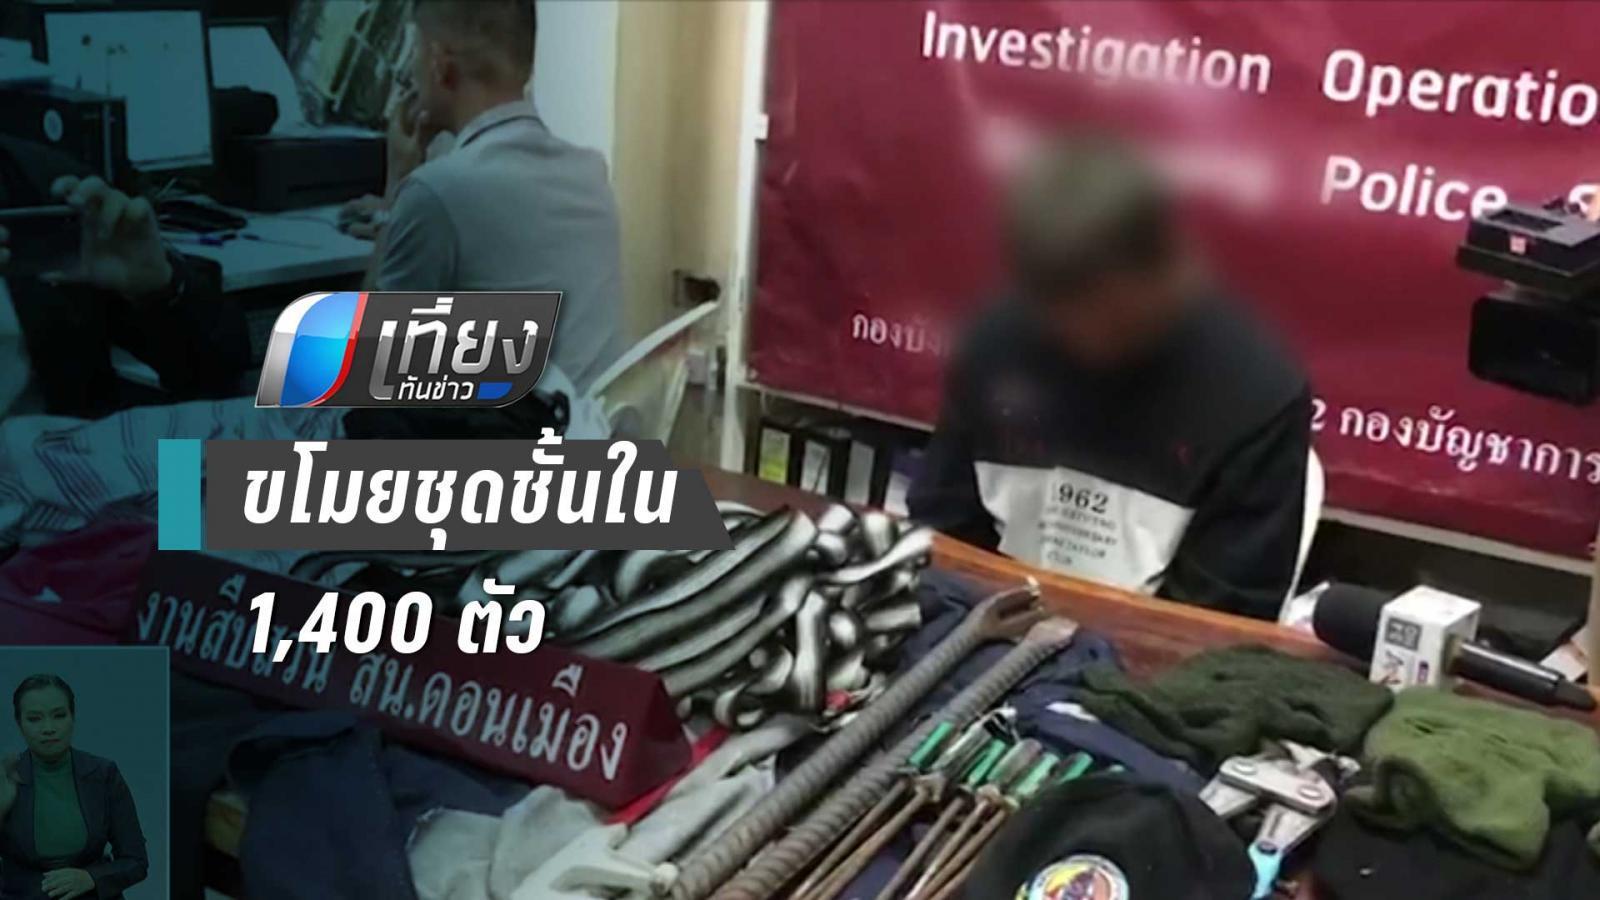 ตำรวจรวบโจรลักชุดชั้นในสาวพบของกลาง 1,400 ตัว